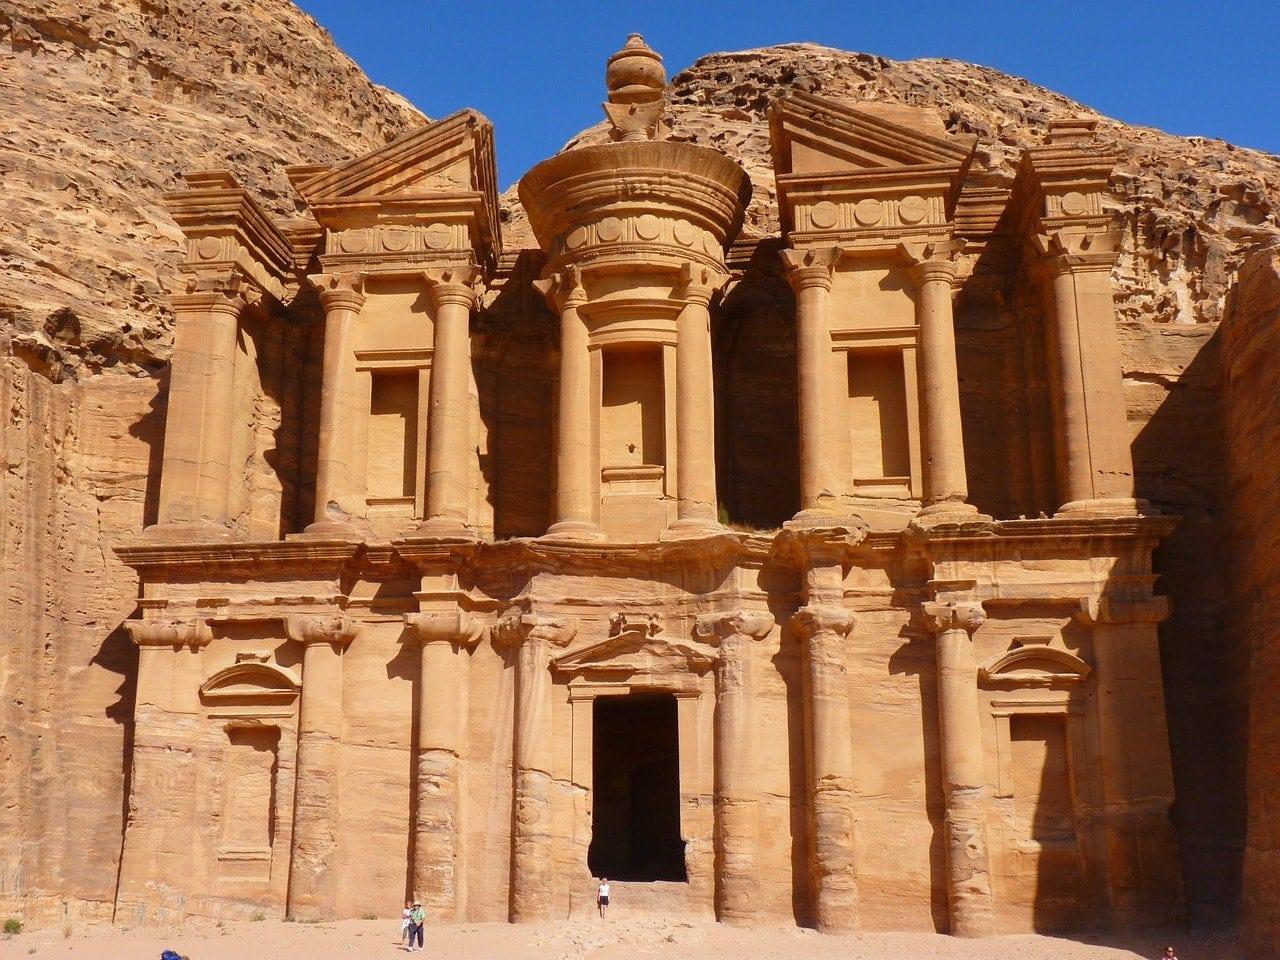 Le site de Petra en Jordanie